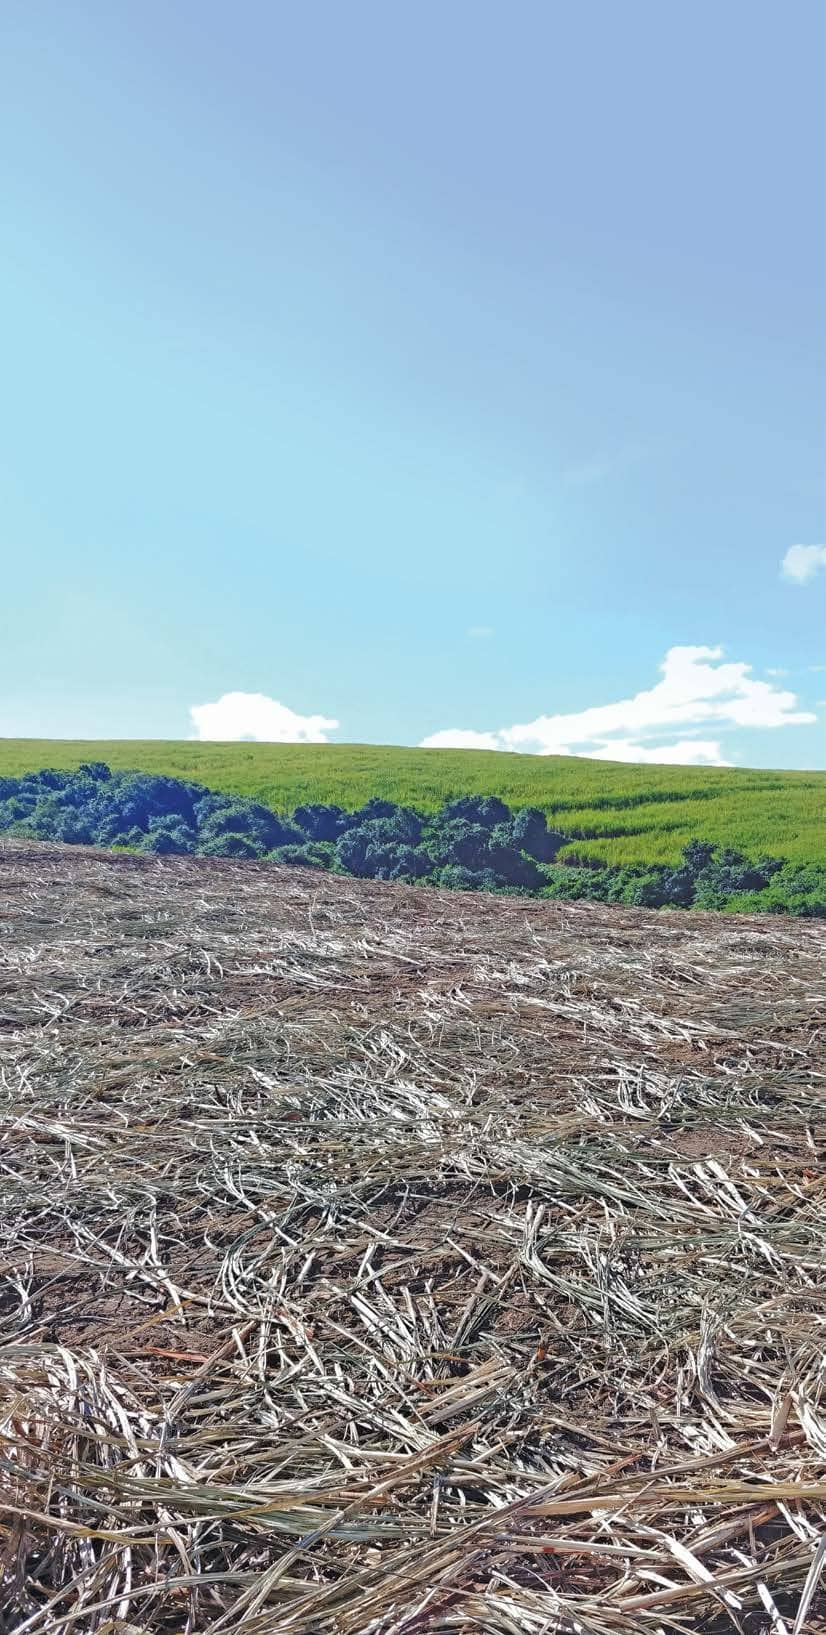 Shifting paradigms to make SA sugar cane farming more sustainable